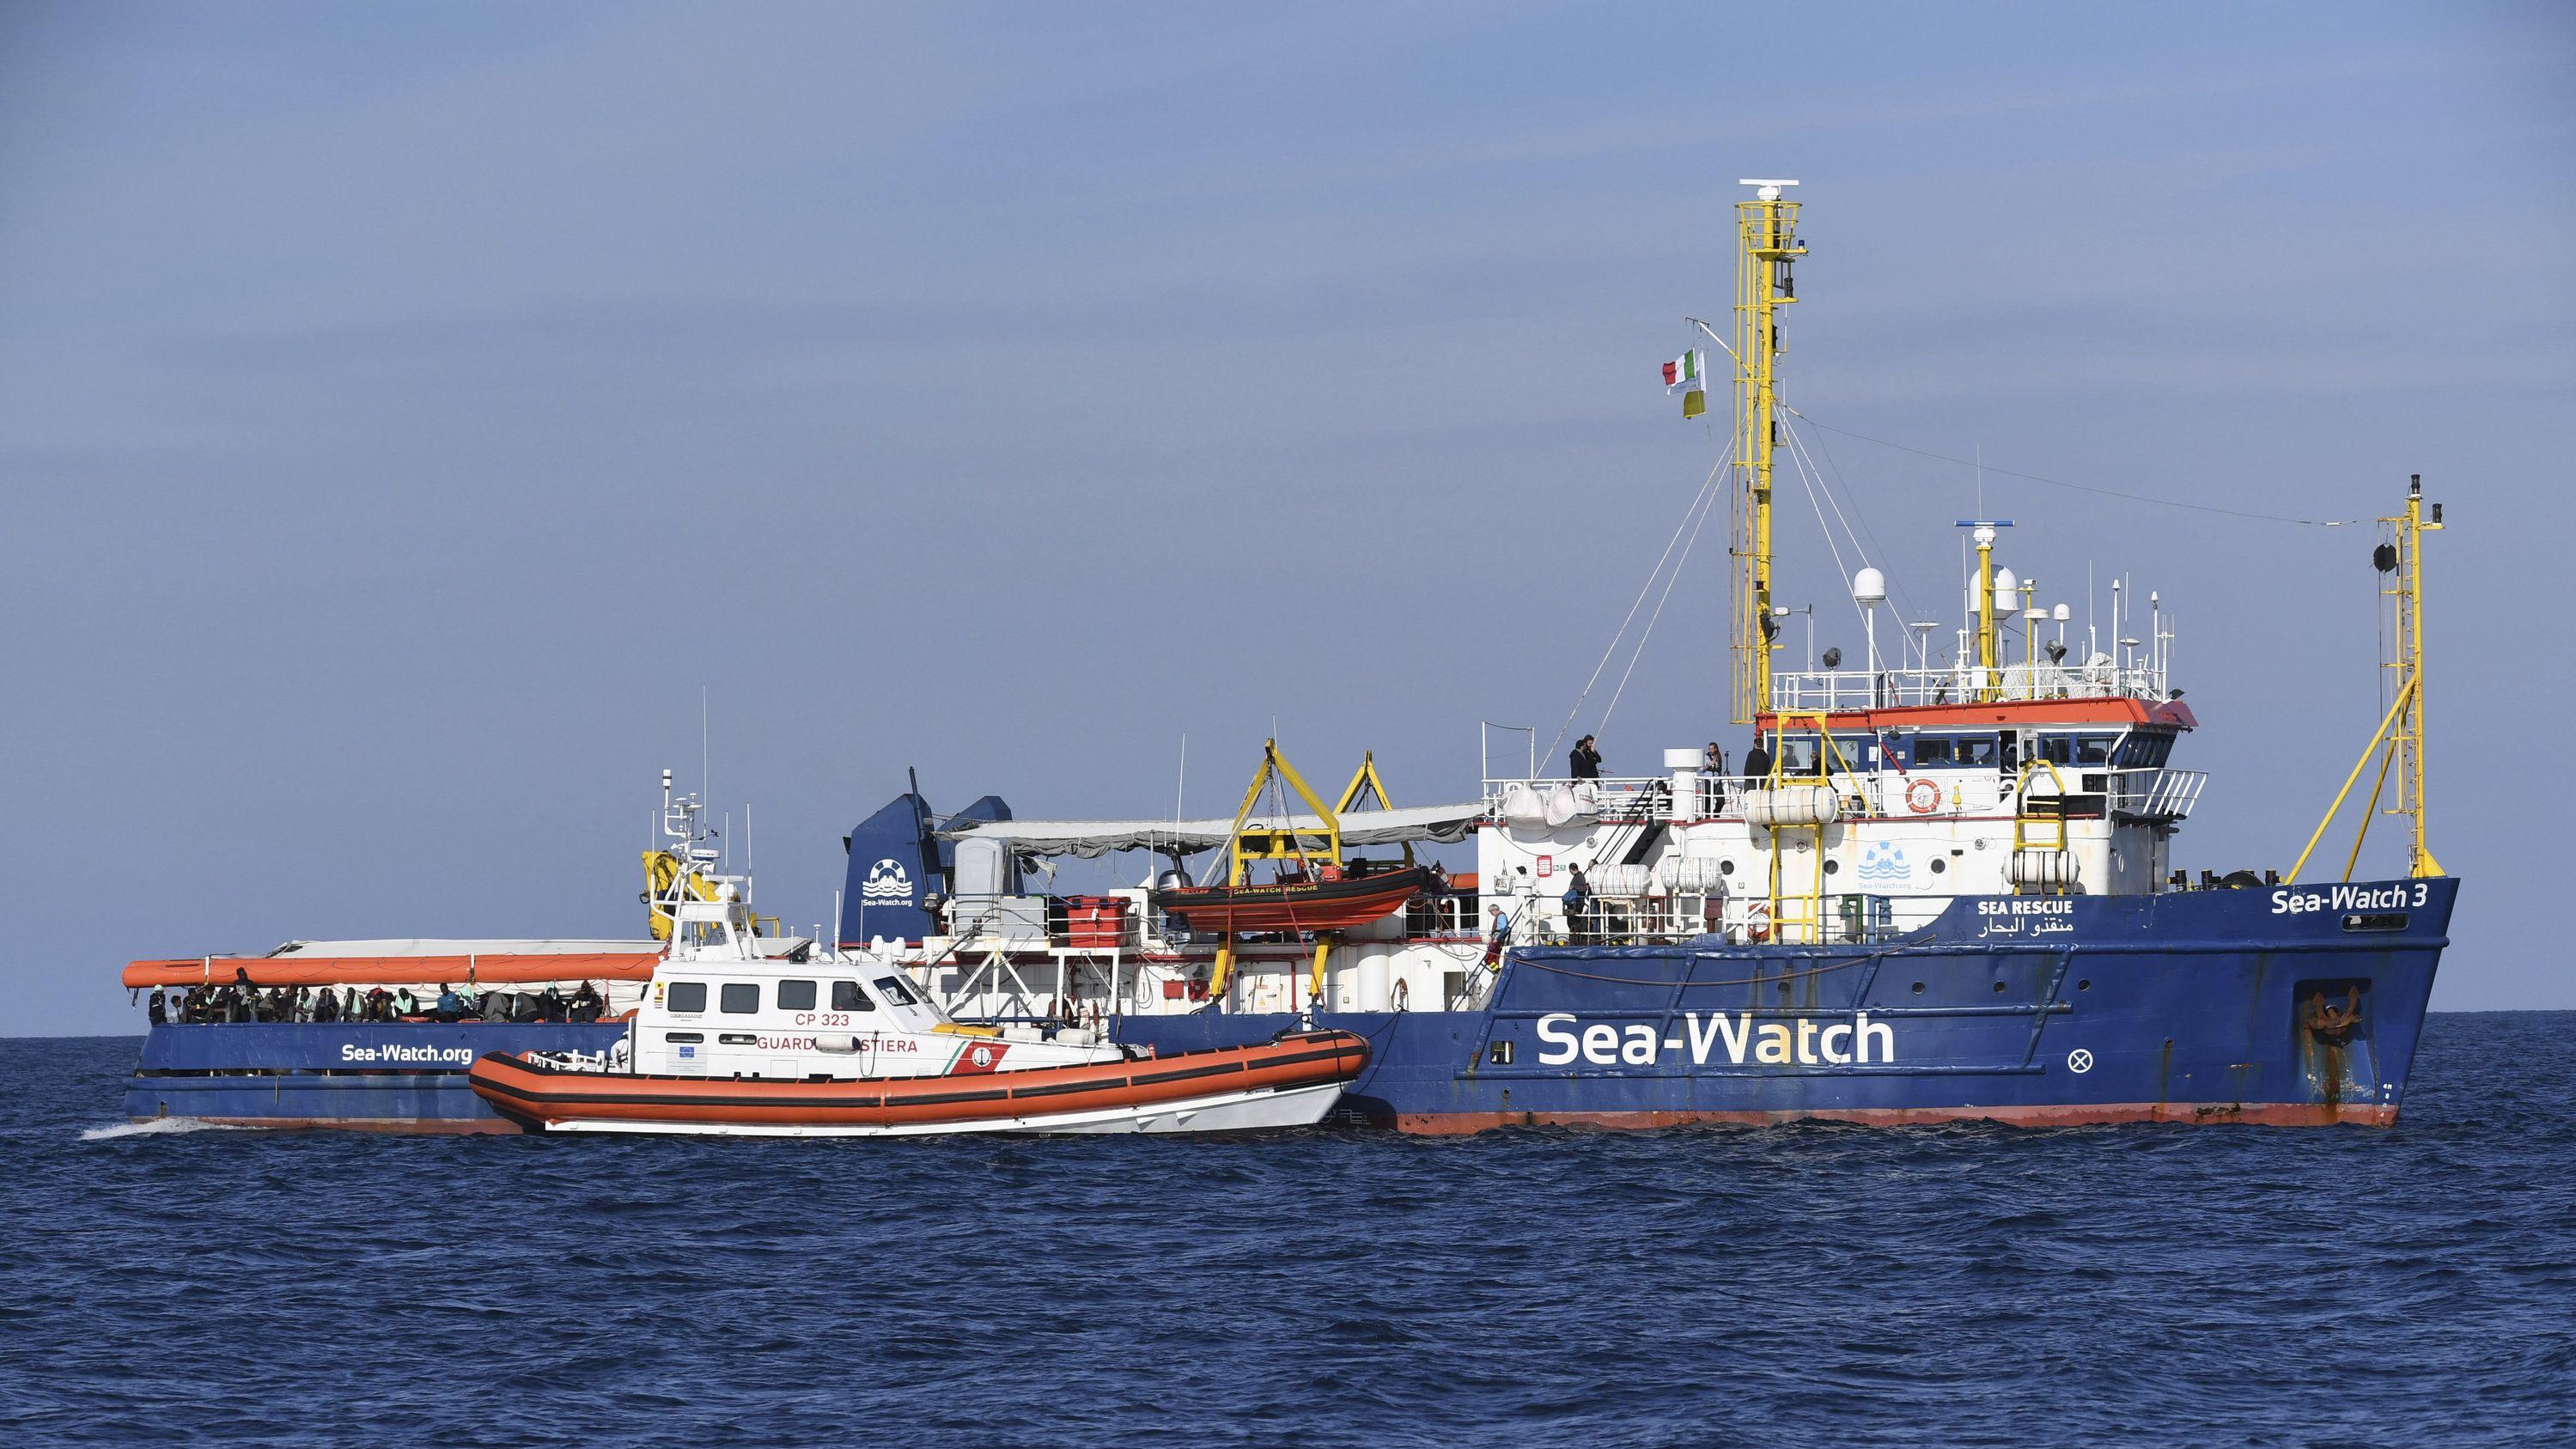 Die Sea-Watch 3 im Mittelmeer.